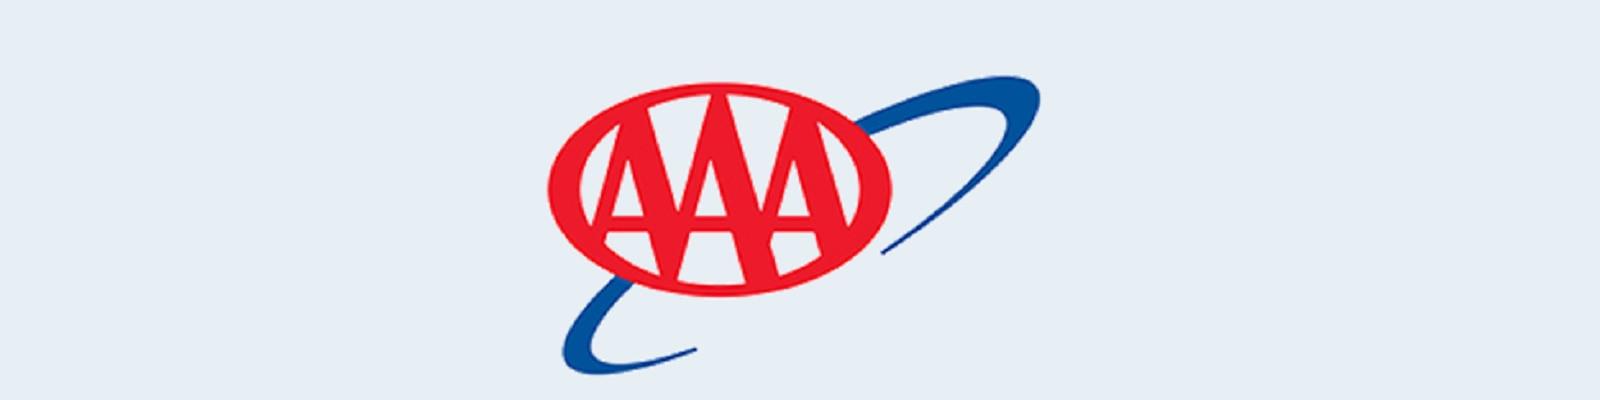 Acton AAA